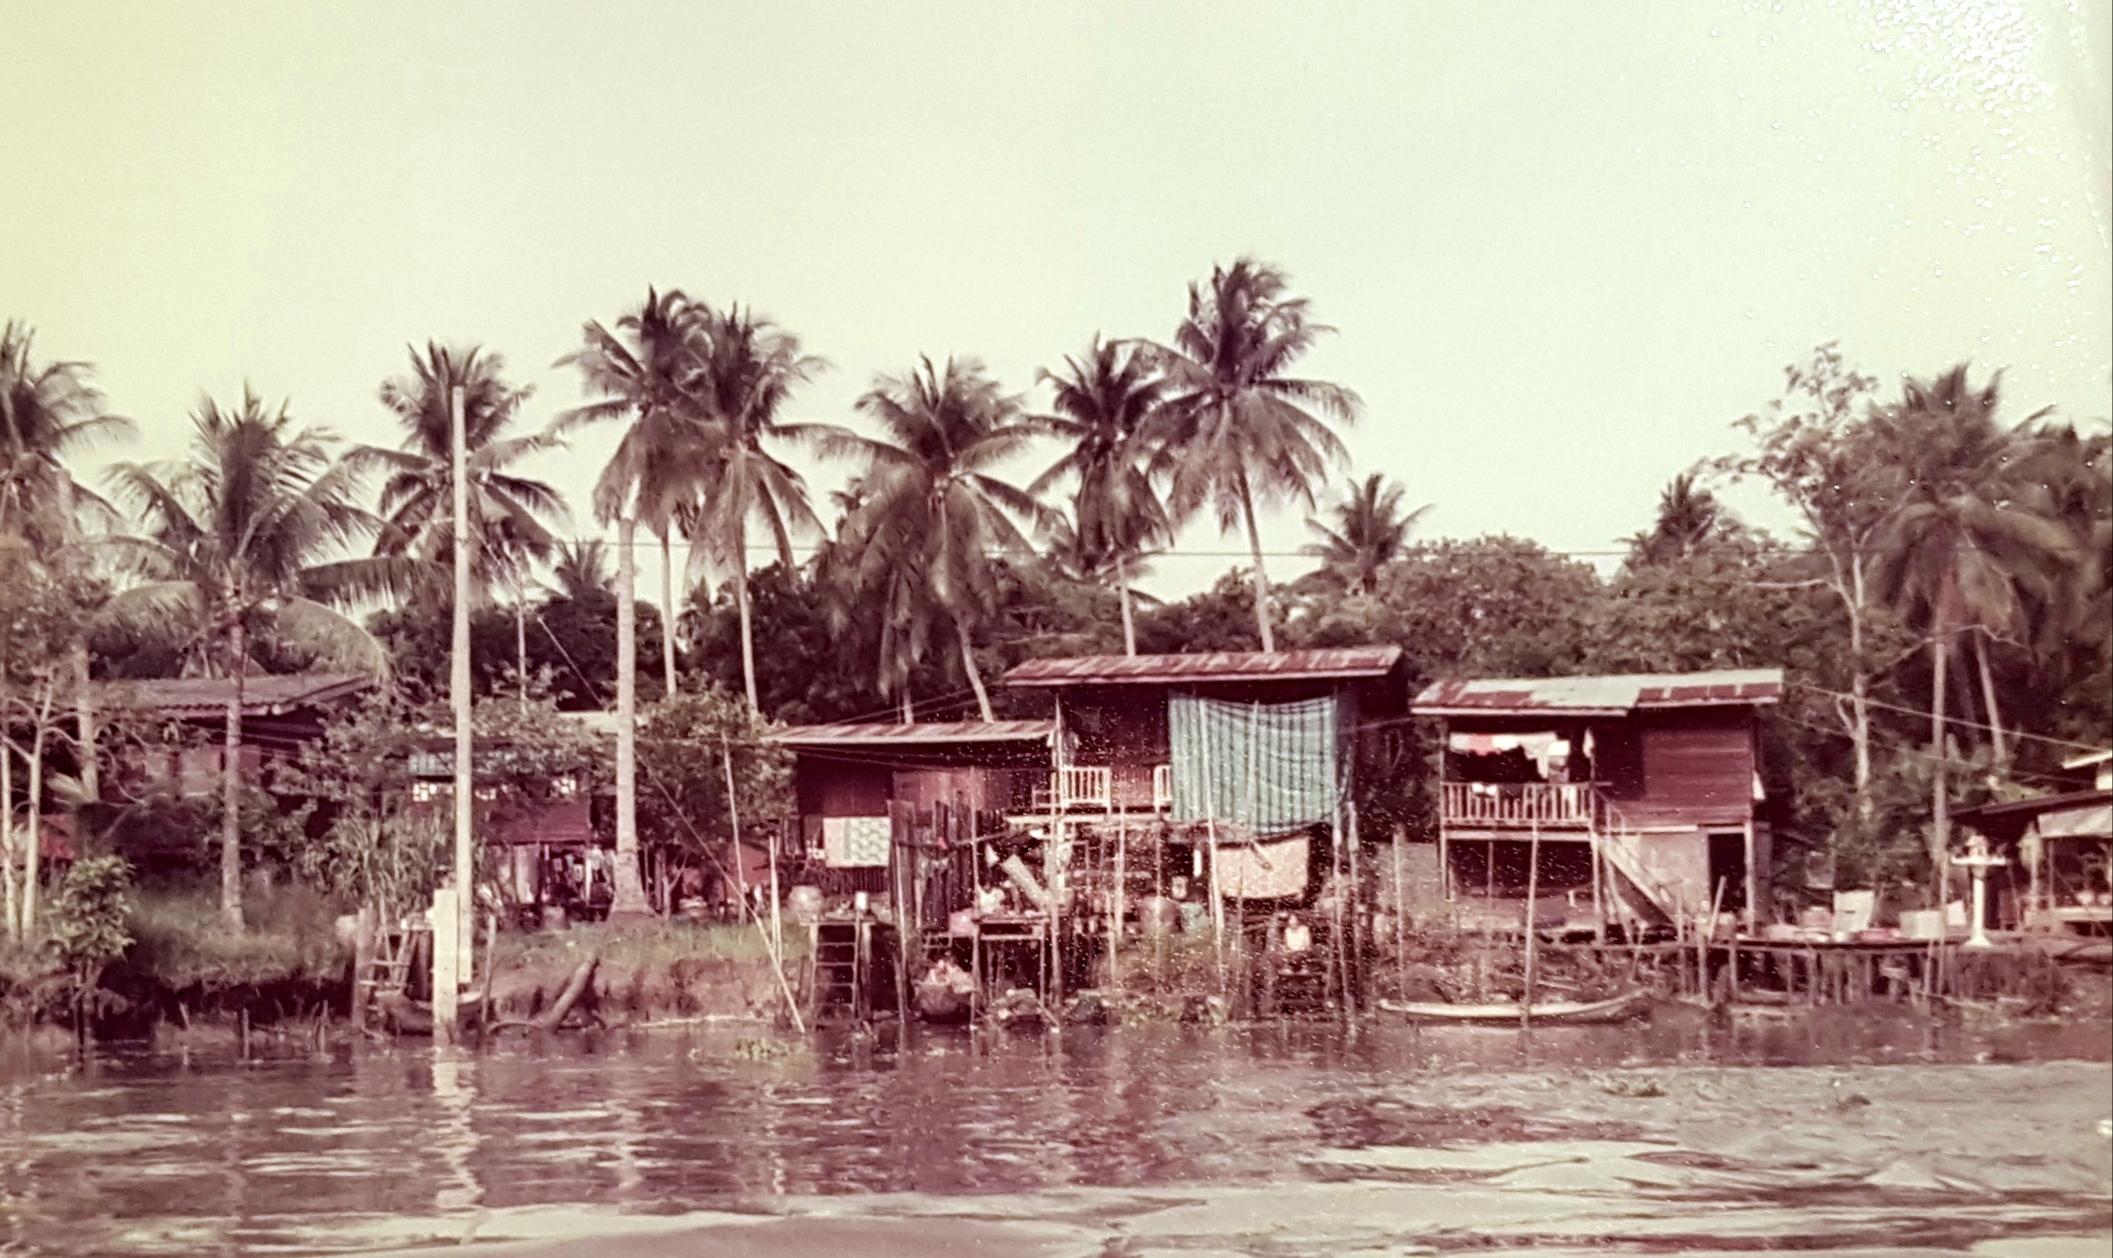 Paalwoningen in Thailand